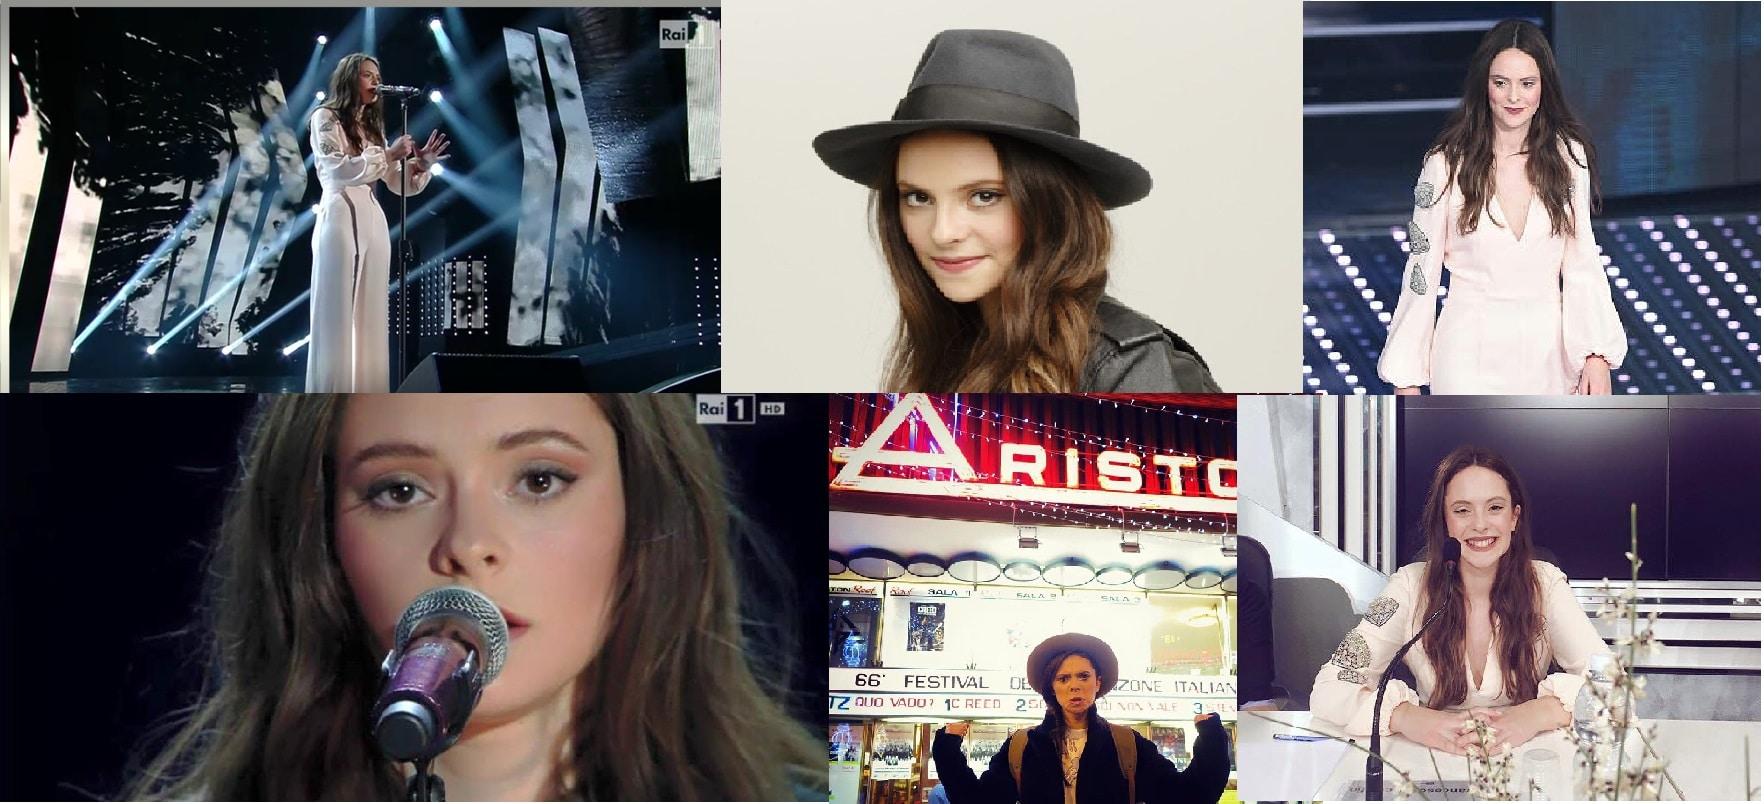 Dopo la rinuncia degli Stadio,sarà la seconda classificata al Festival a cantare per l'Italia